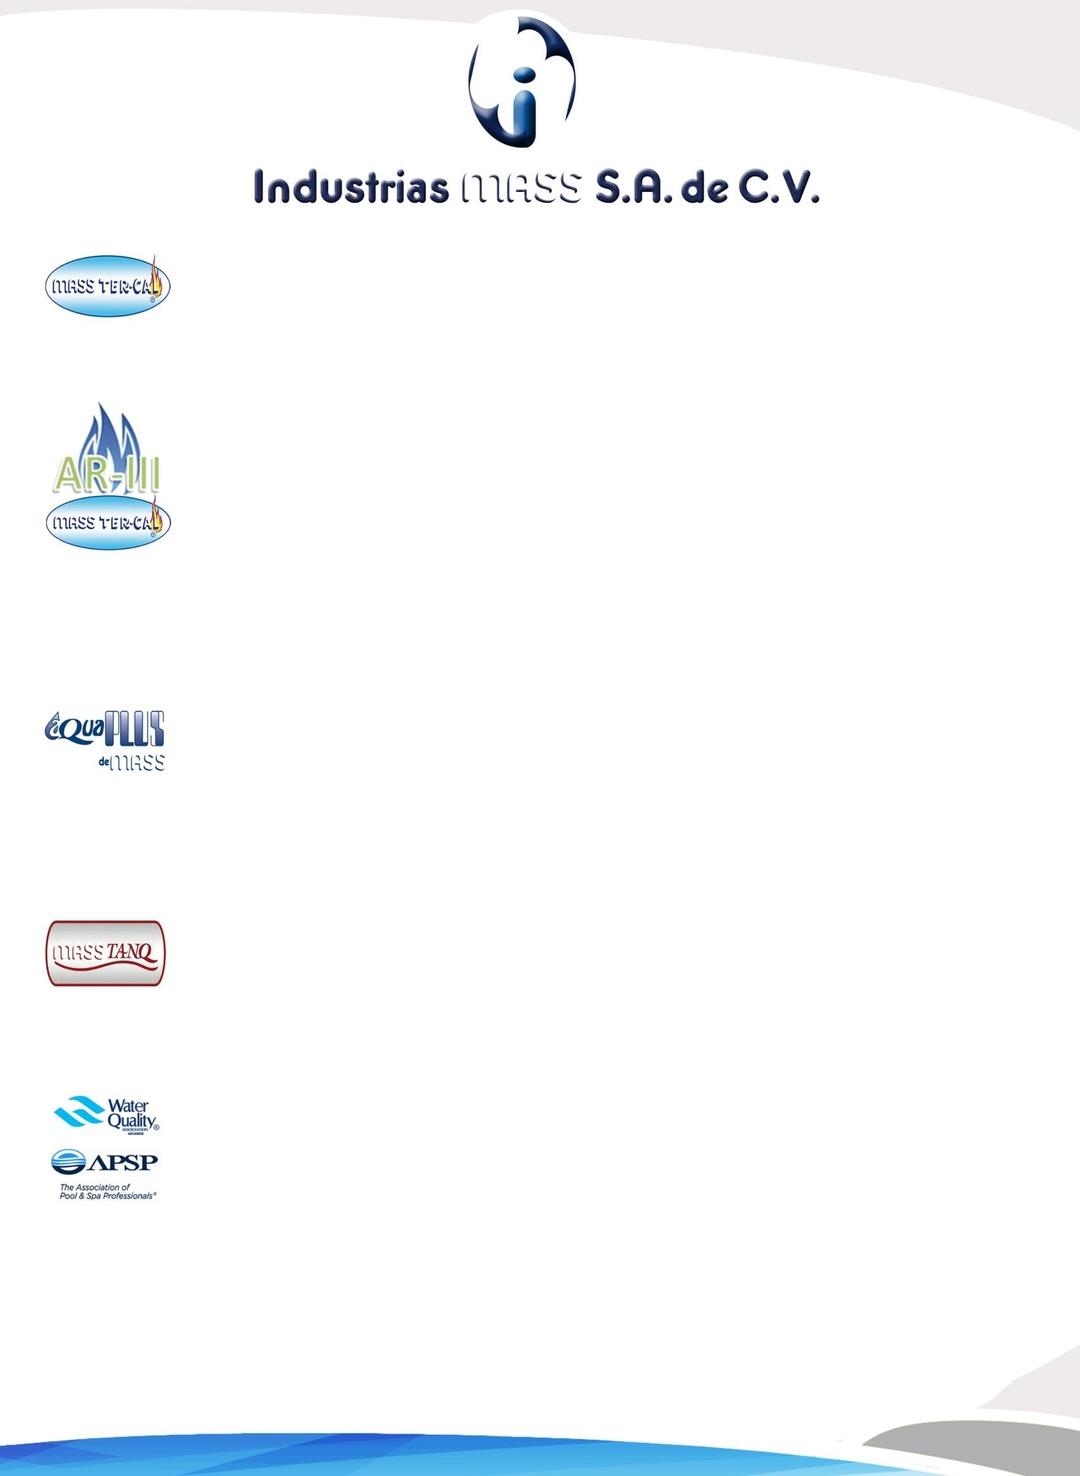 Page 15 of LP-TRA - Filtros, Suavizadores, Tratamiento Agua Limpia AQUAPLUS de MASS® PÁGINA 15 http://distribuidorindmass.com/